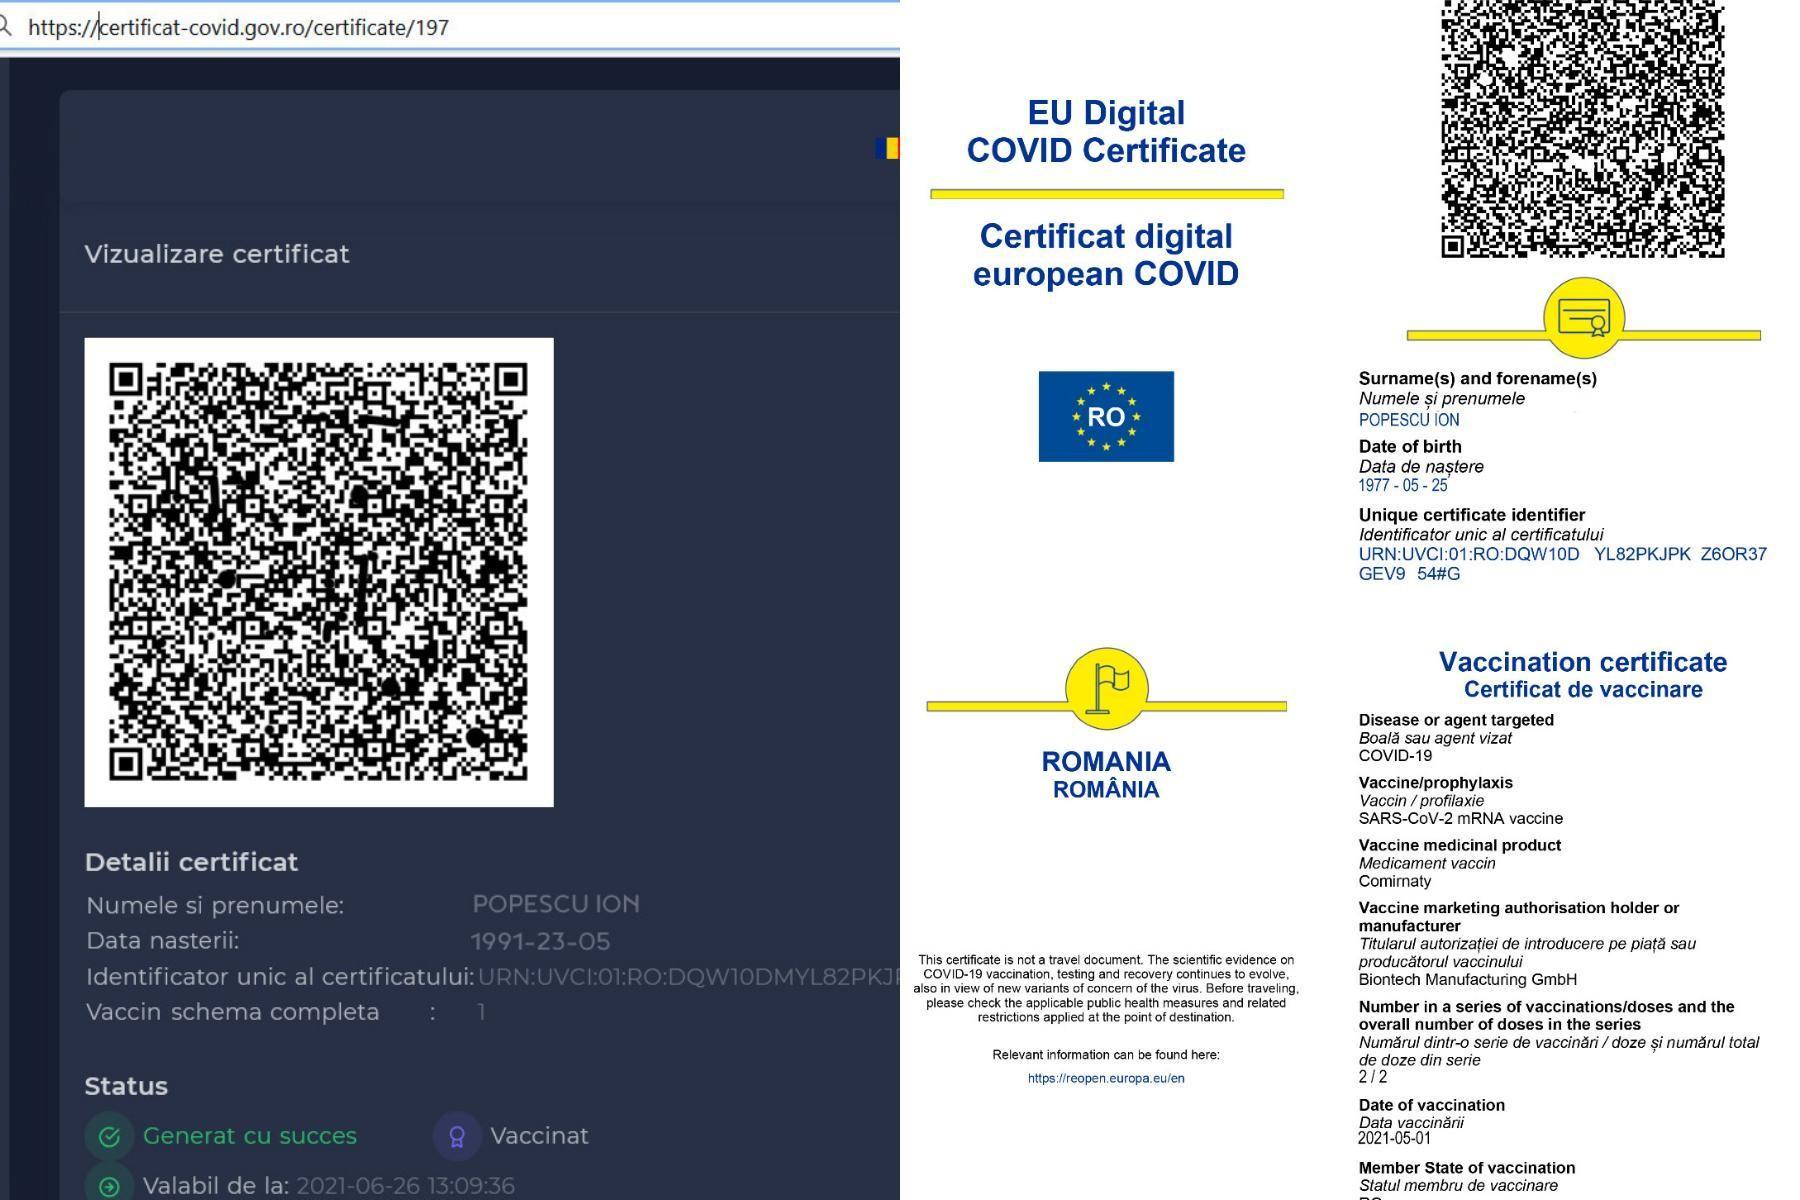 Siteul pentru eliberarea certificatelor COVID, funcțional de mâine. Pașii prin care poate fi descărcat și cât durează obținerea sa